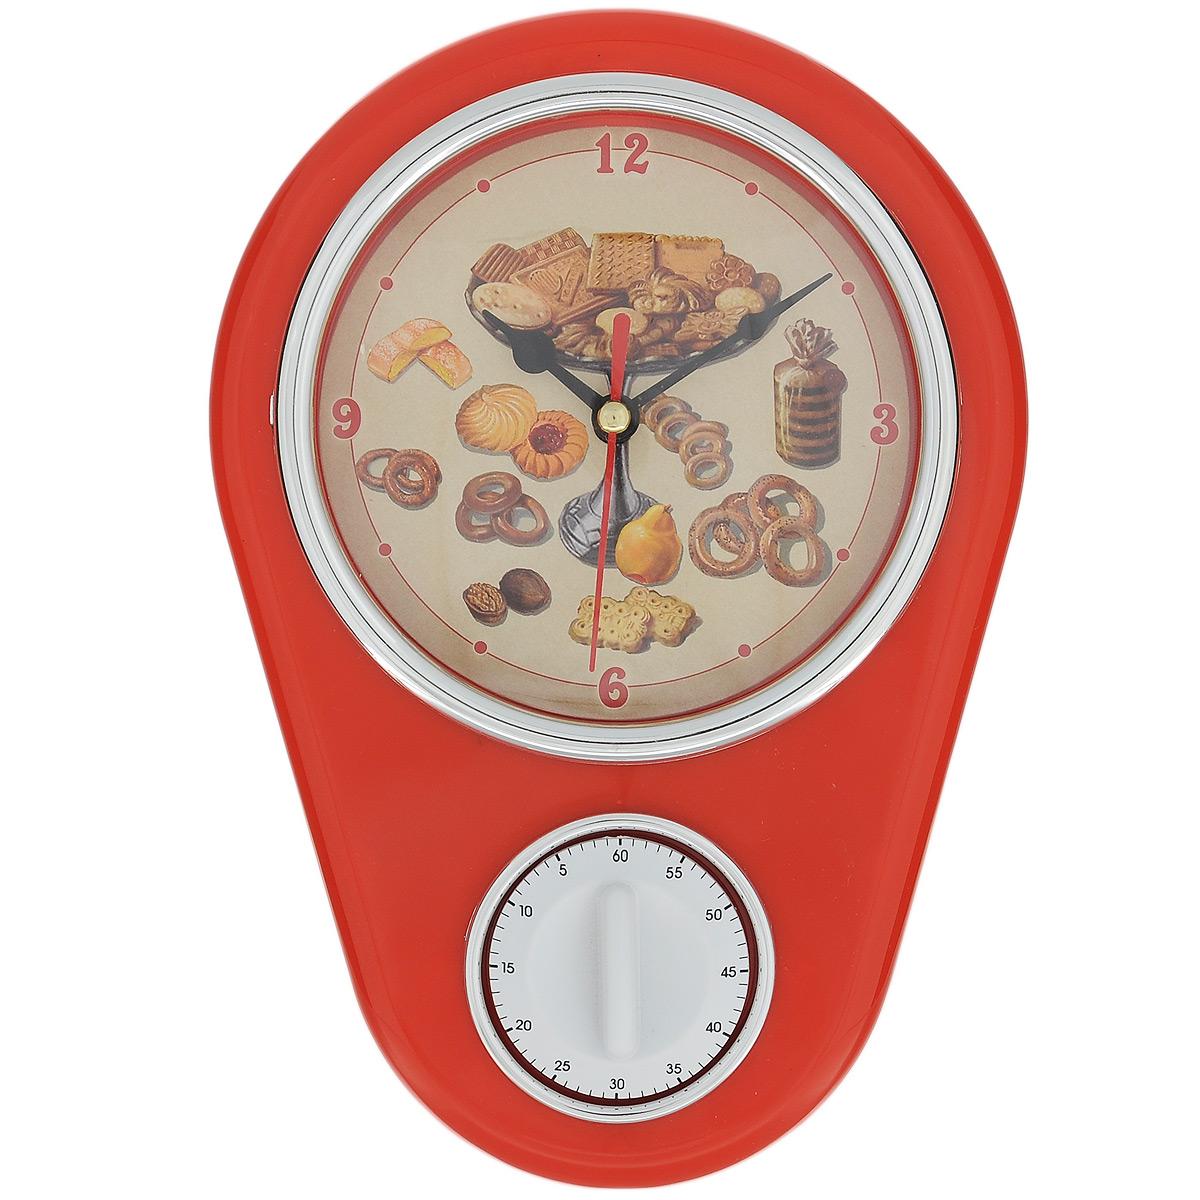 Часы кухонные Печенье с таймером, настенные, цвет: красный300074_ежевикаКухонные настенные часы Печенье в ретро стиле прекрасно дополнят интерьер кухни. Корпус выполнен из высококачественного пластика. Все механизмы скрыты в корпусе. Циферблат круглой формы, оформленный крупными арабскими цифрами и изображением печенья, защищен стеклом. Имеется встроенный таймер на 60 минут, его удобно использовать во время приготовления блюд. Часы подвешиваются на стену. Часы работают от одной пальчиковой батарейки тип АА (не входит в комплект).Диаметр циферблата: 11,3 см. Размер часов: 16 см х 5 см х 22,5 см.